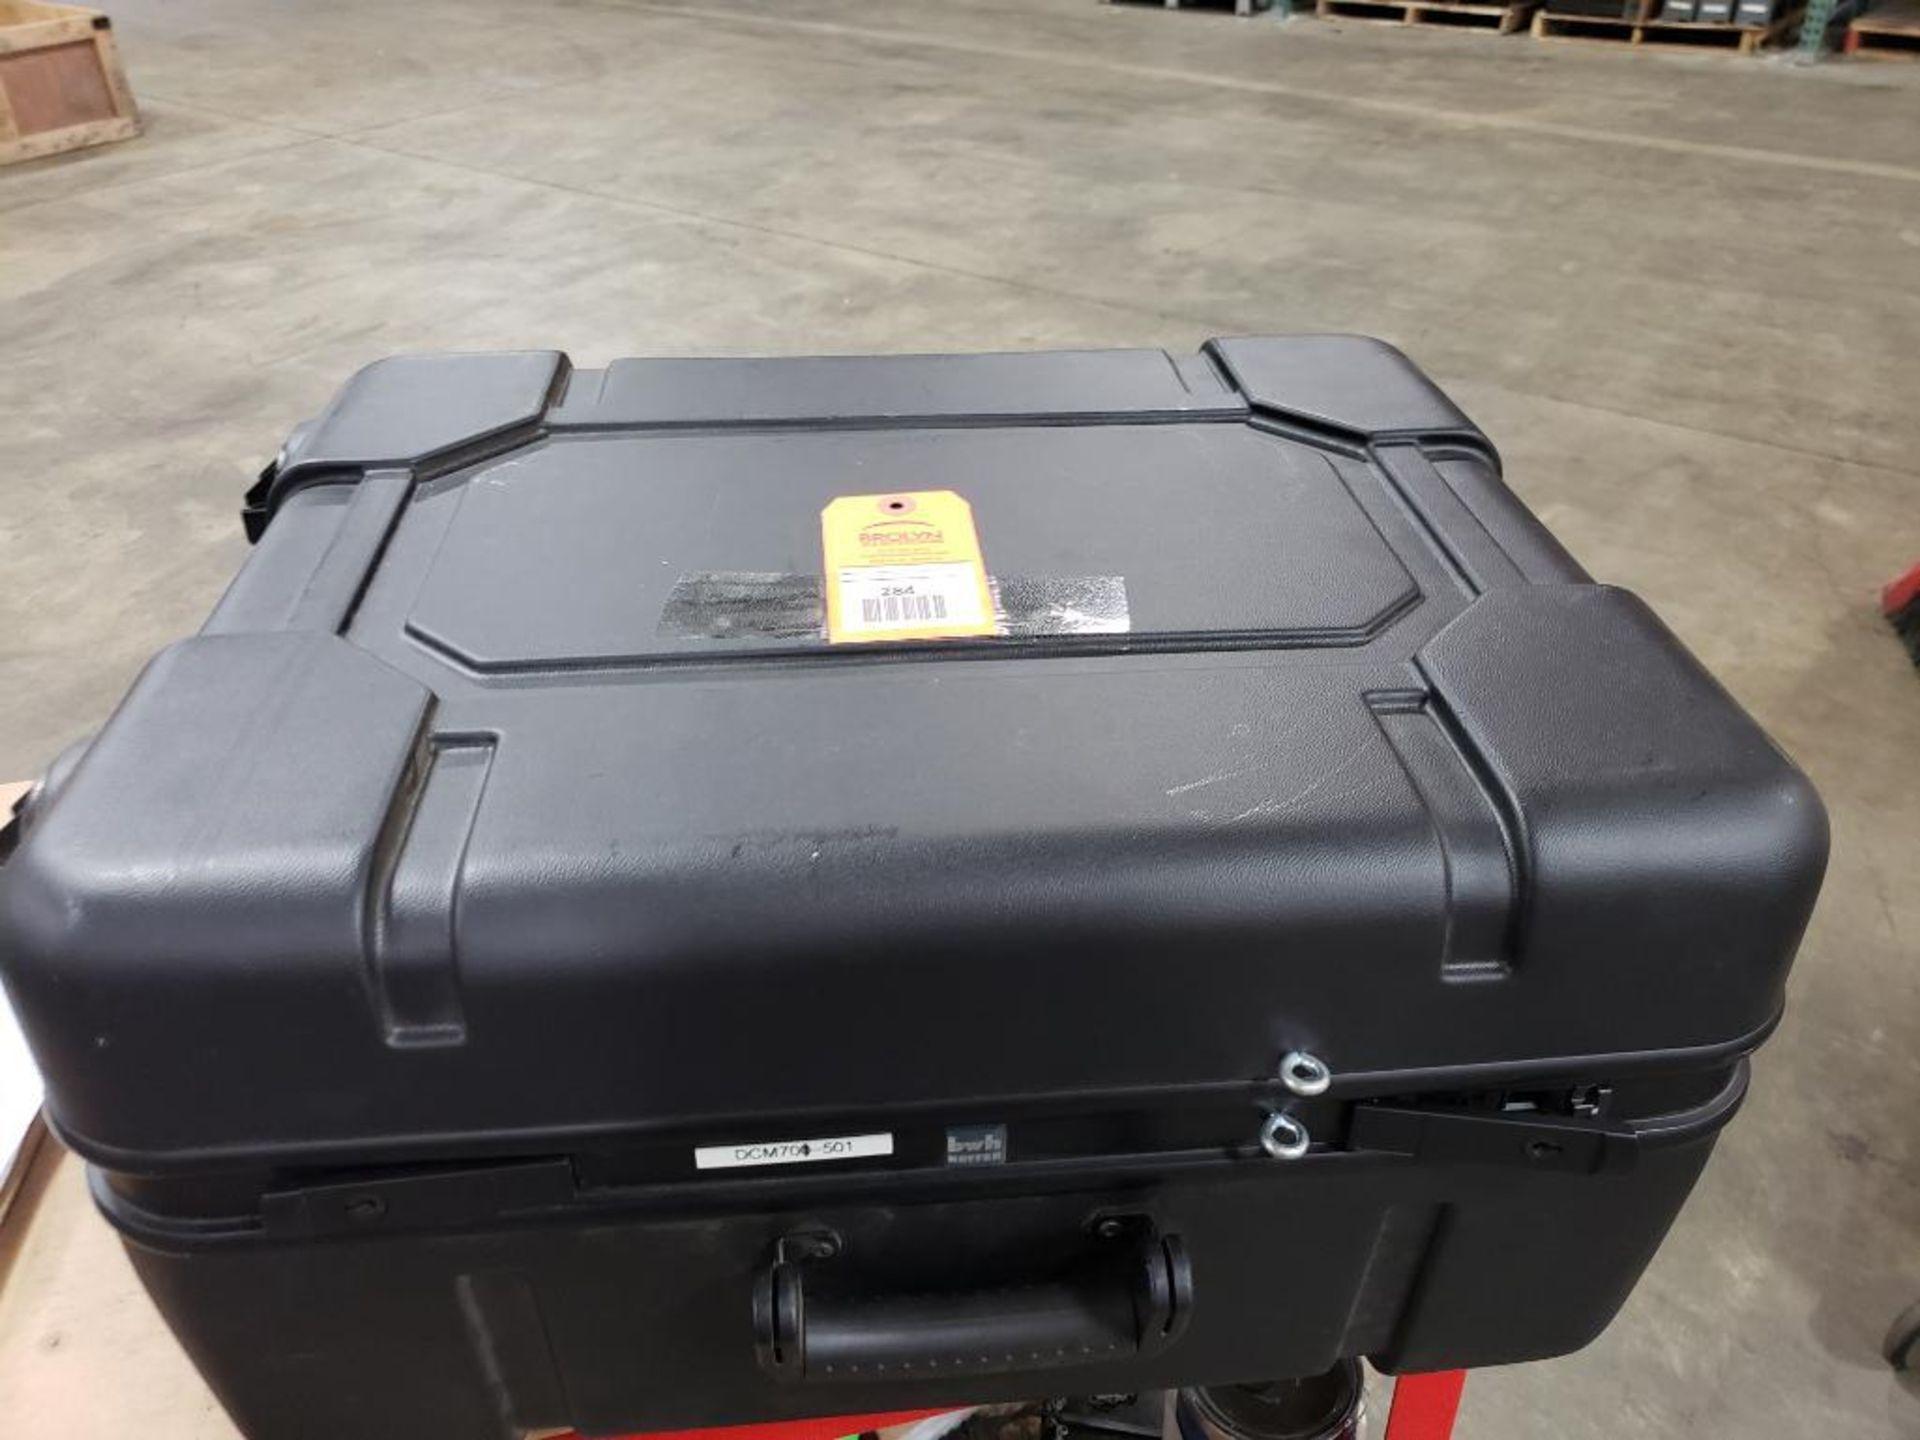 Travel test diagnostic Emerson drive unit. Emerson control Techniques DCM700. Unidrive M701.